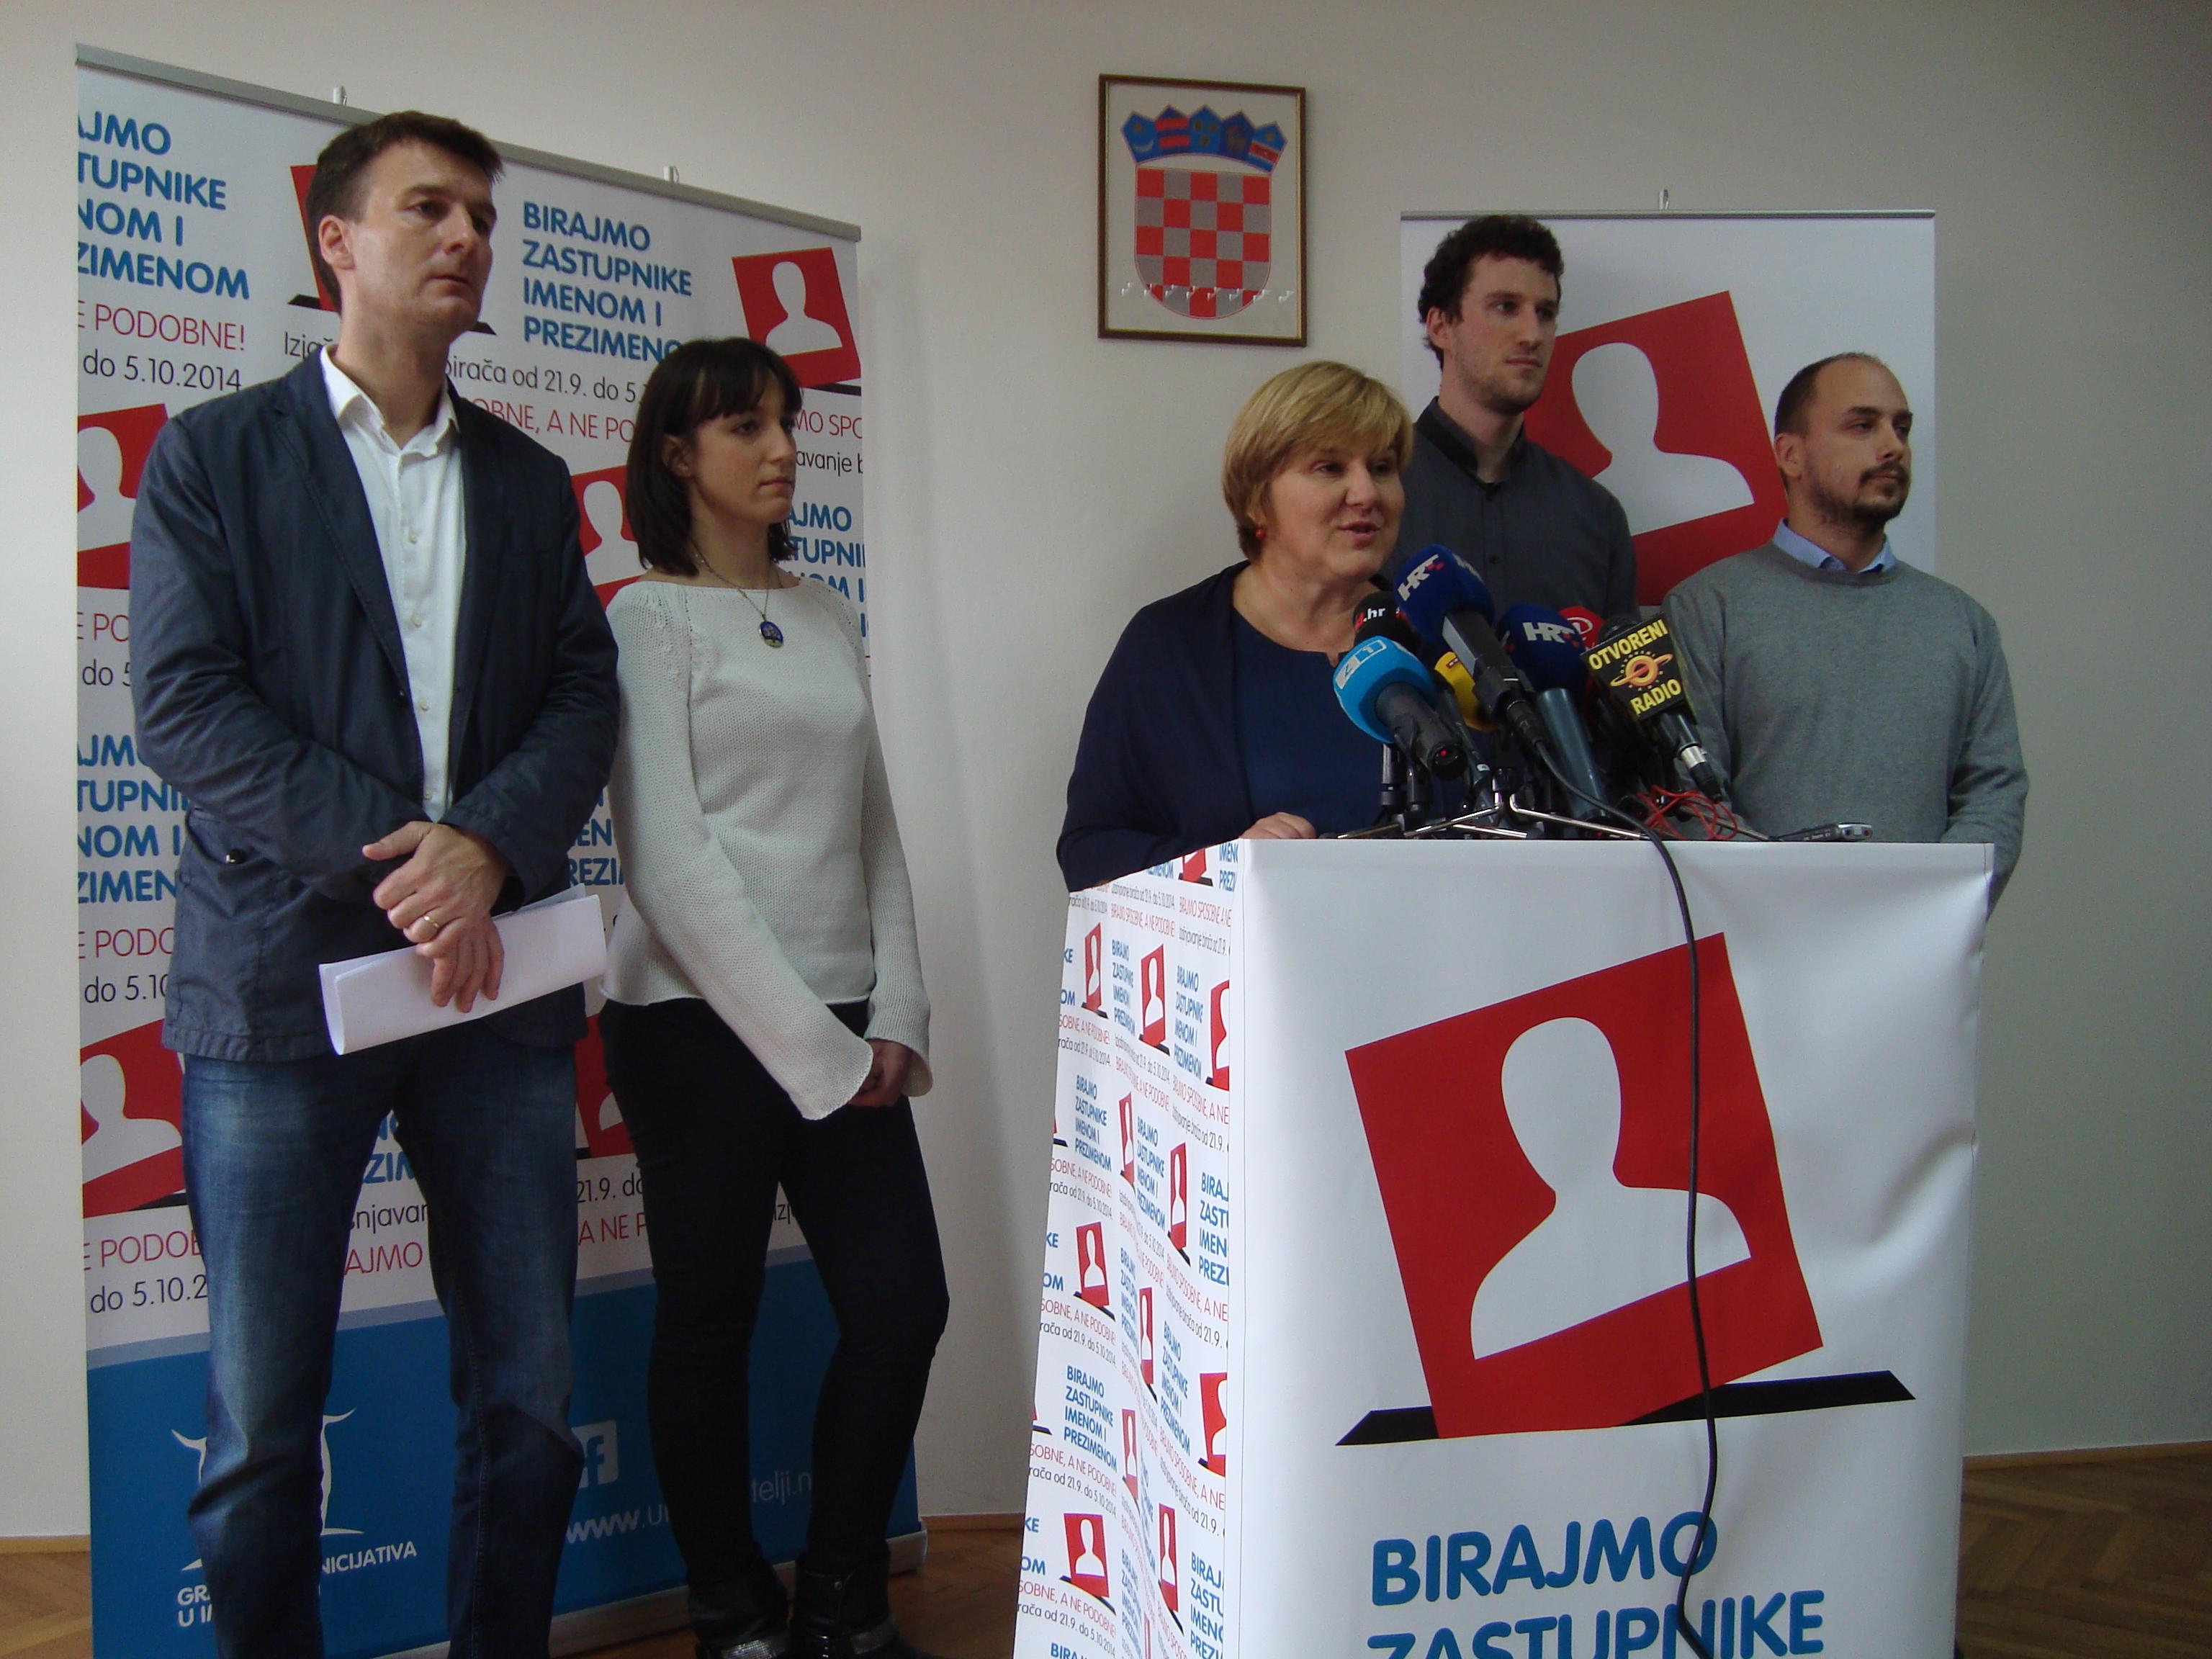 U ime obitelji Vladinom Uredu za udruge: Zar Vam nije problem da već 16 godina komunicirate sa samo 2 posto udruga u Hrvatskoj?